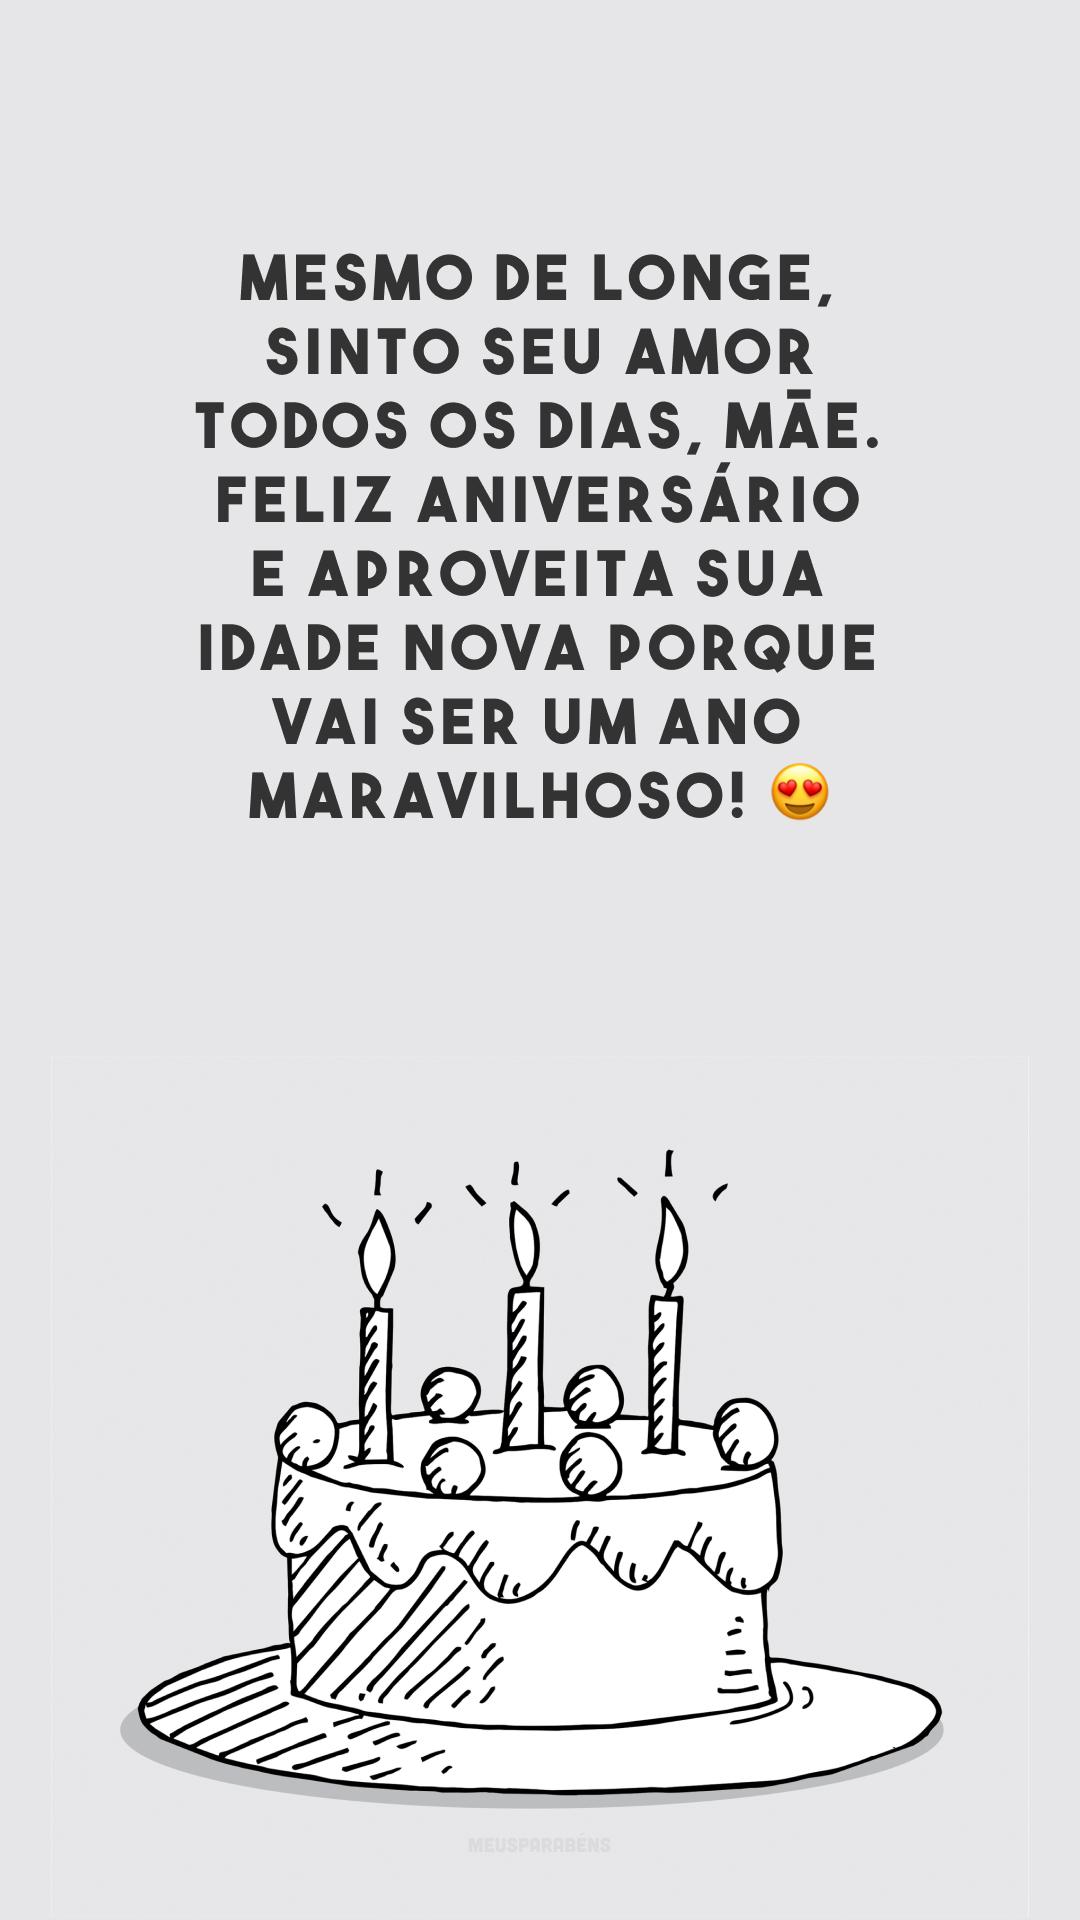 Mesmo de longe, sinto seu amor todos os dias, mãe. Feliz aniversário e aproveita sua idade nova porque vai ser um ano maravilhoso! 😍